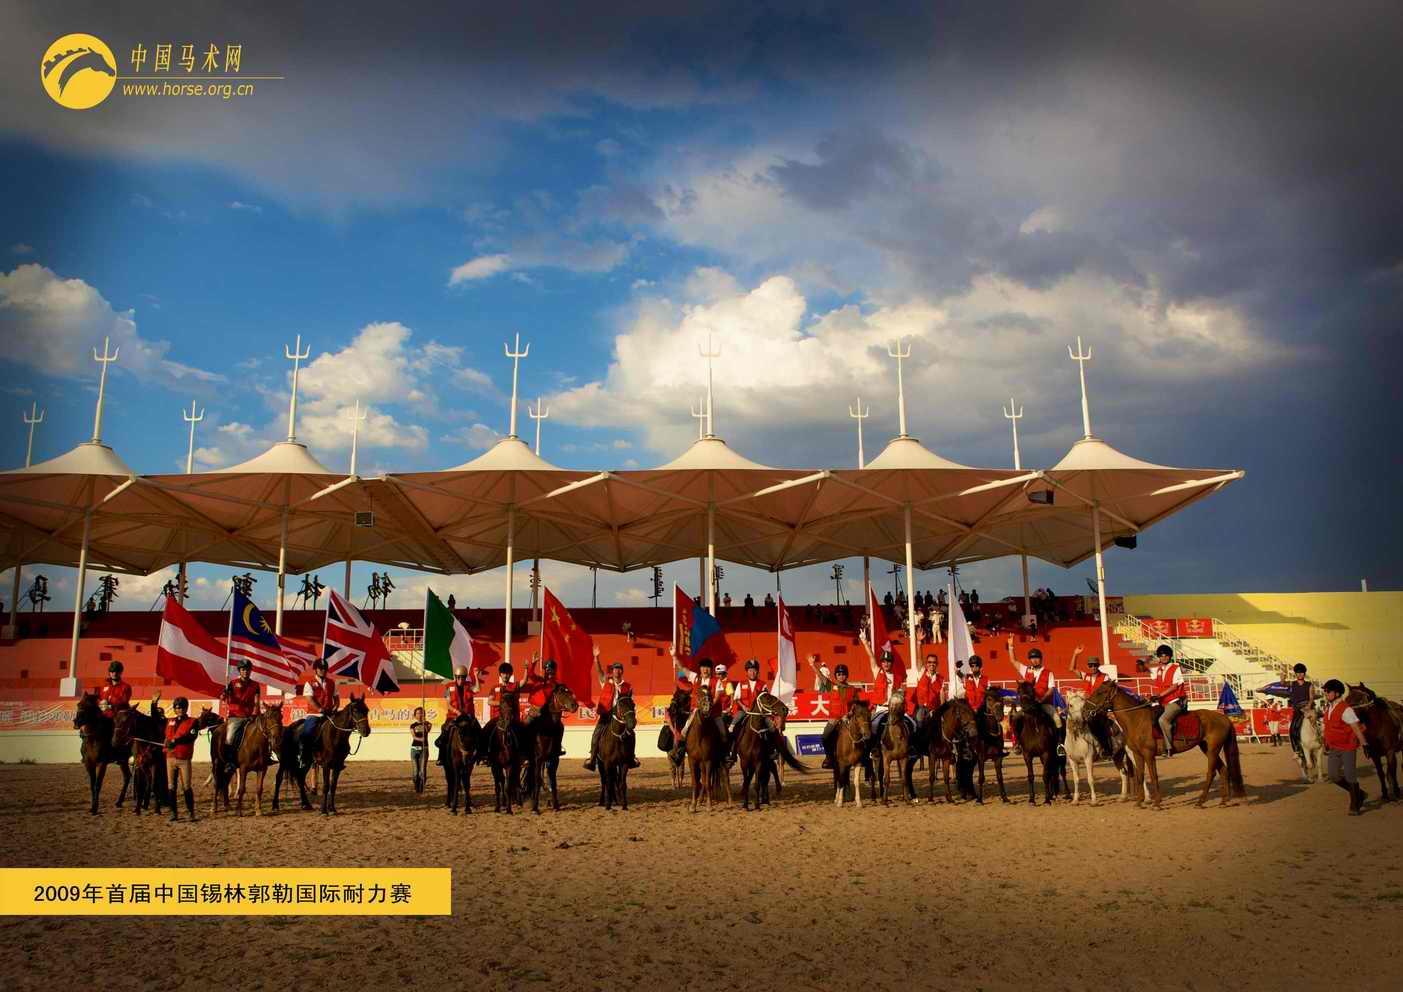 中国耐力赛发展基金正式启动